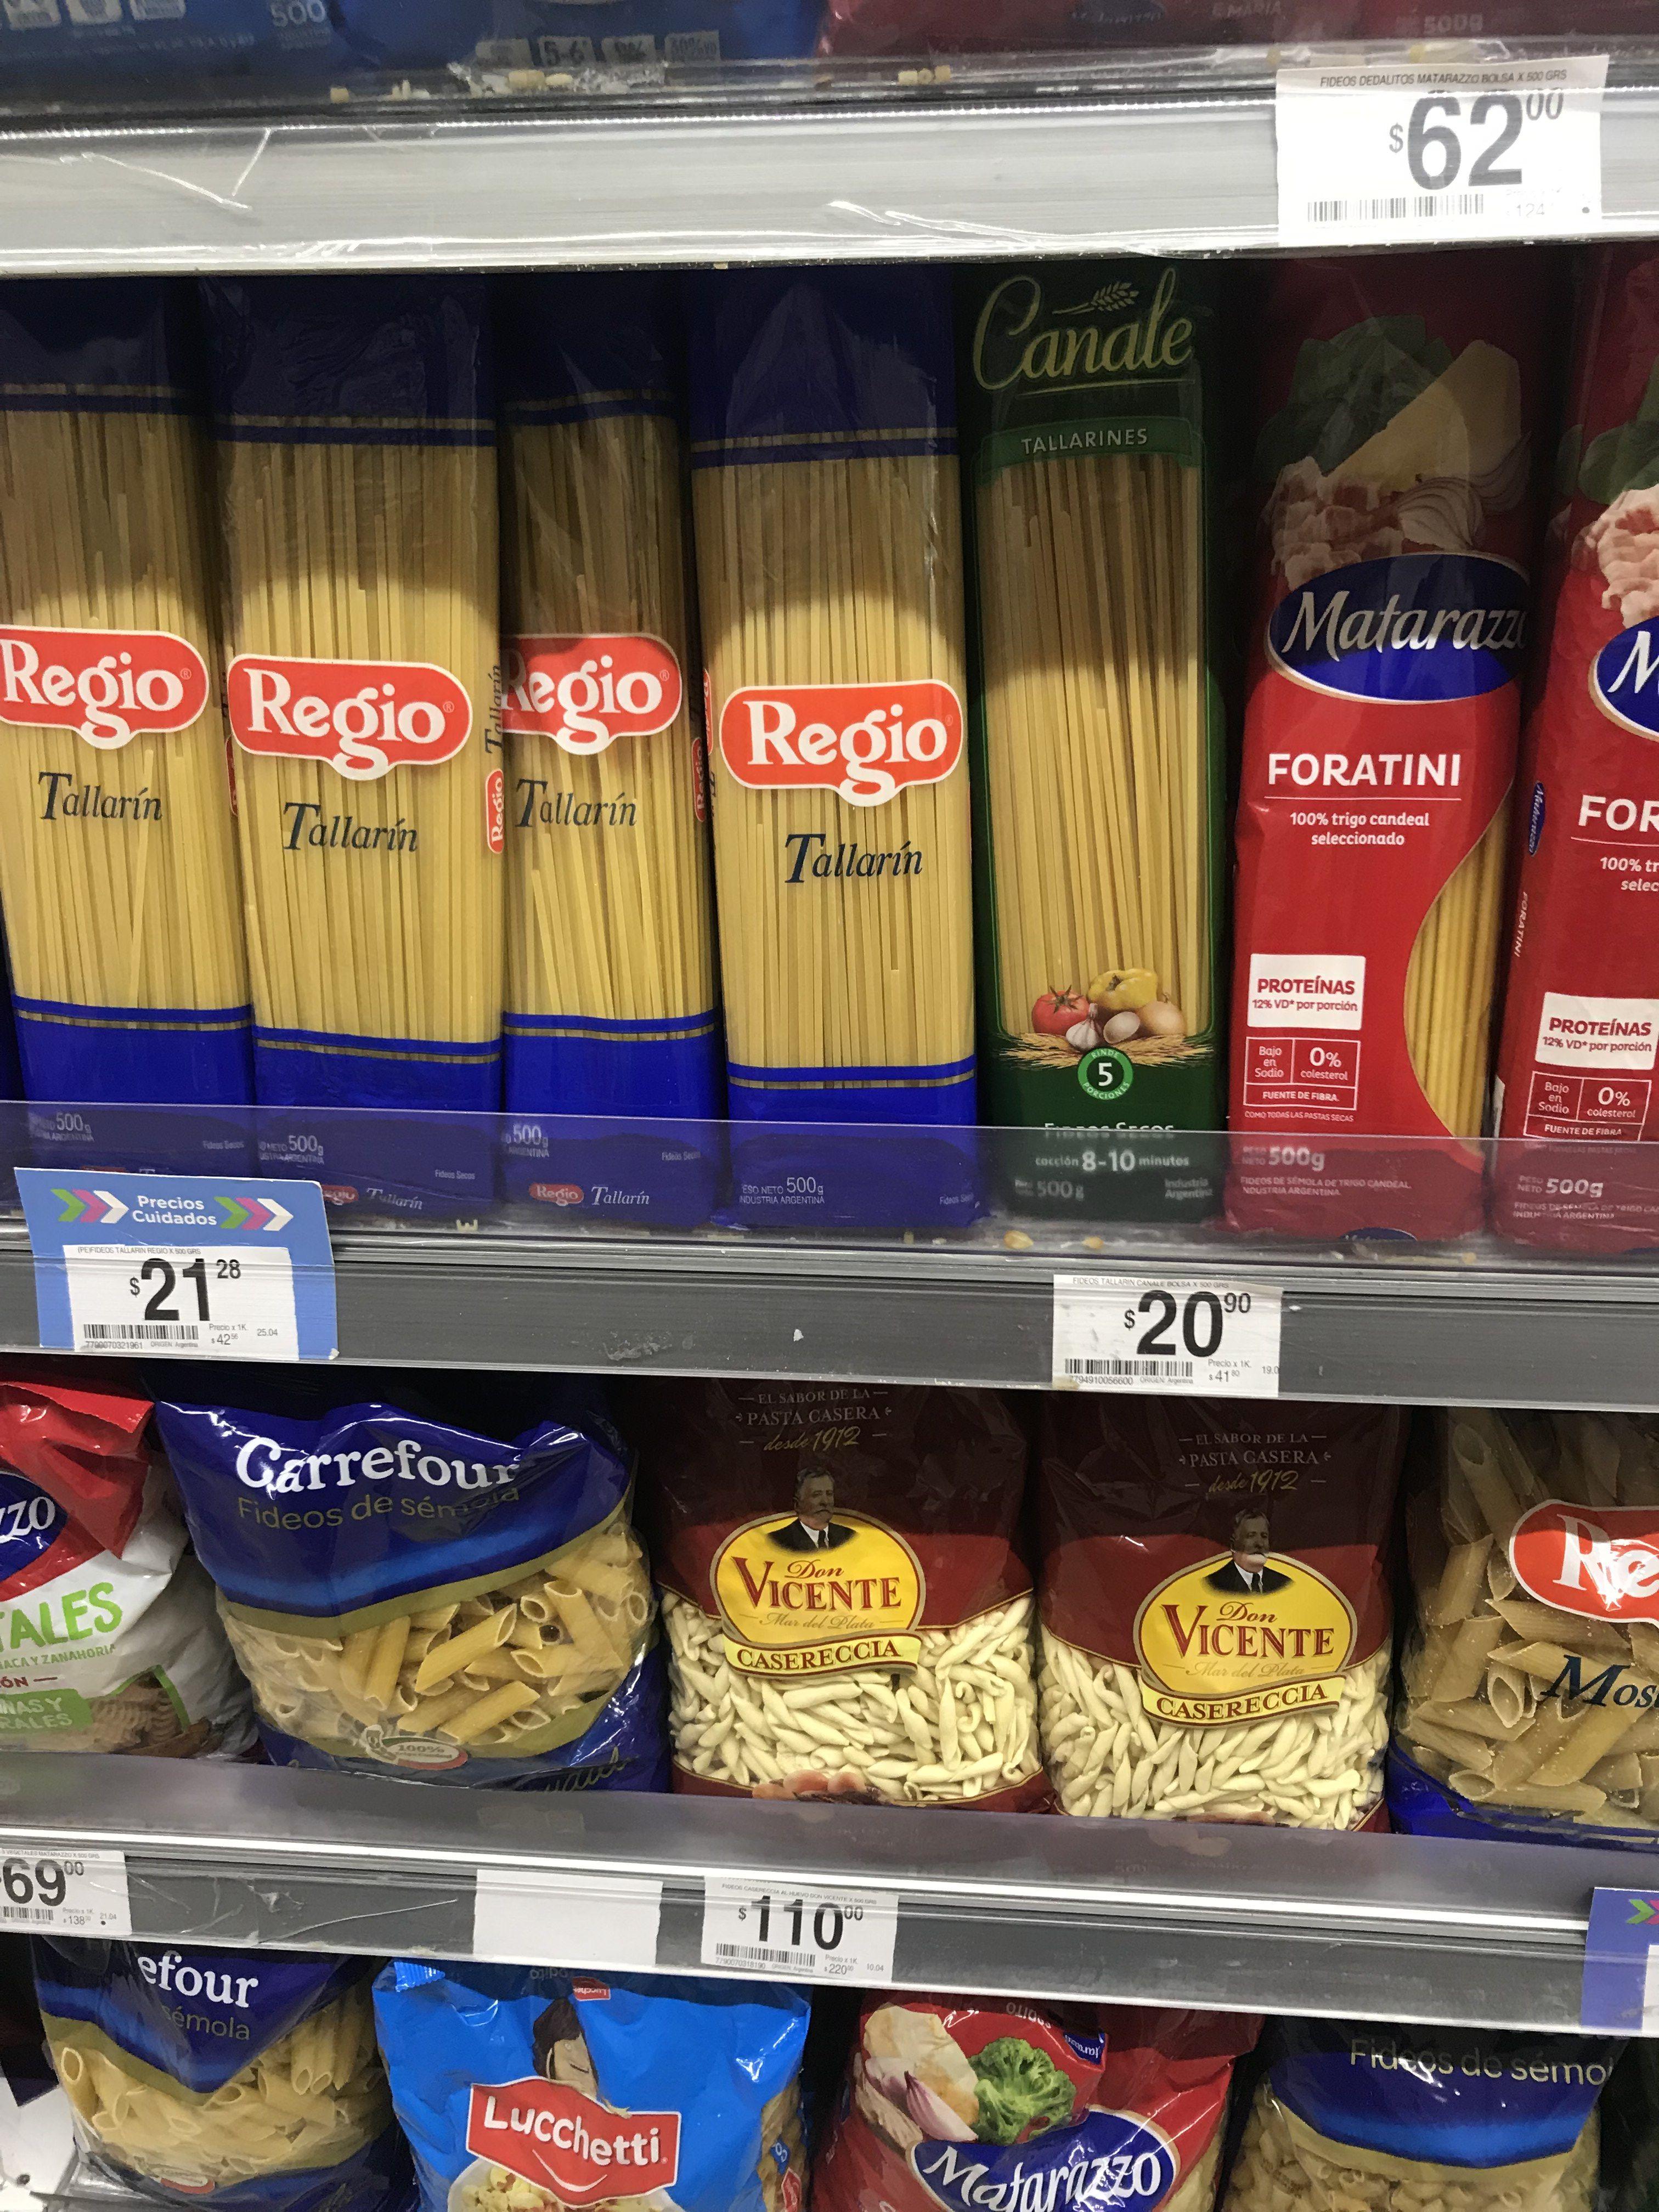 Hay Productos Esenciales que están más caros que algunas marcas propias de los súper